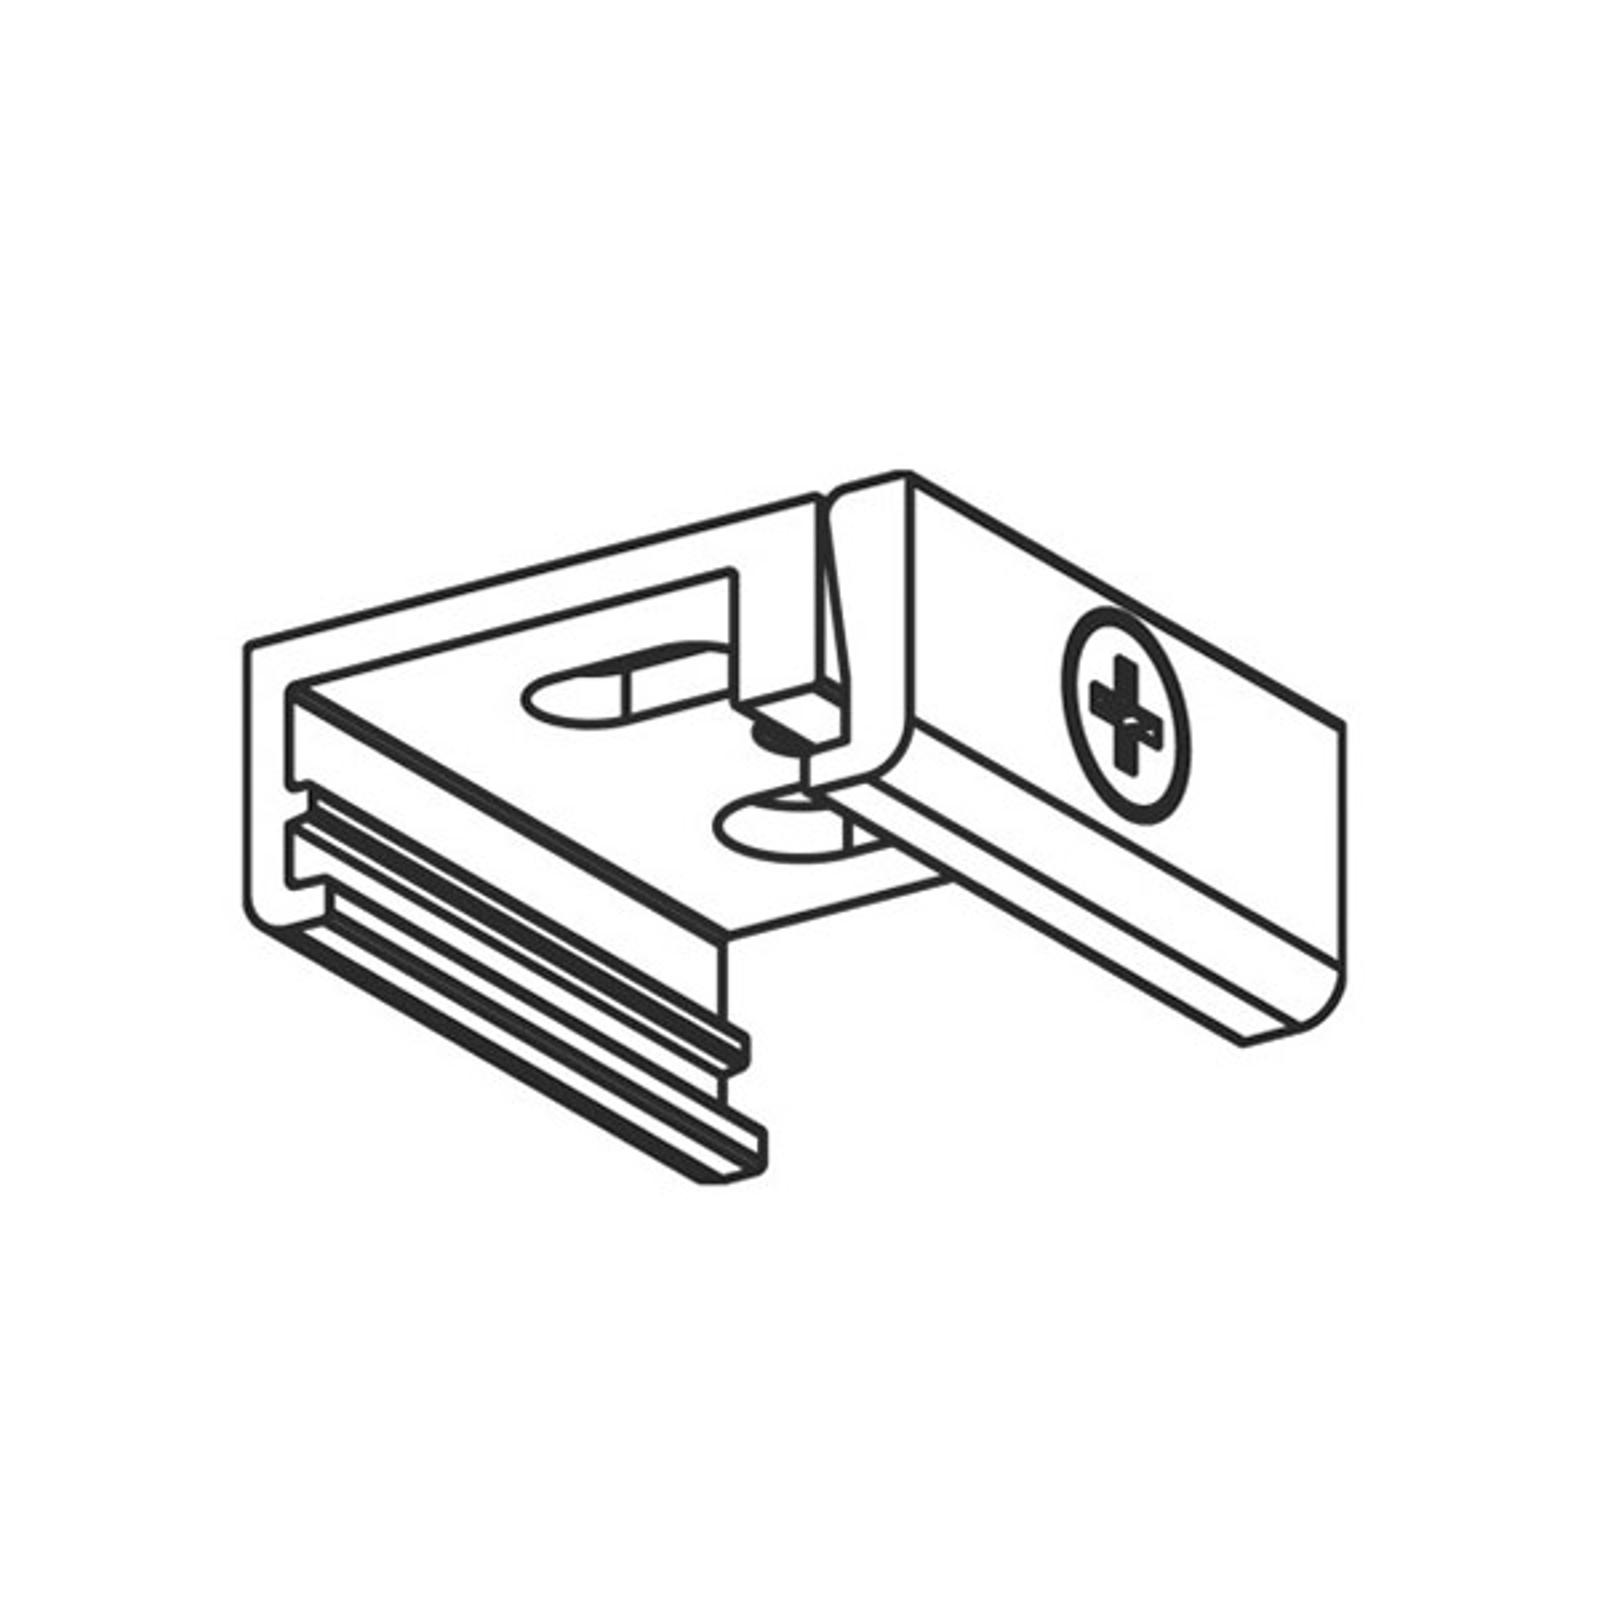 Deckenhalterung für 3-Phasen-Schiene Noa, schwarz